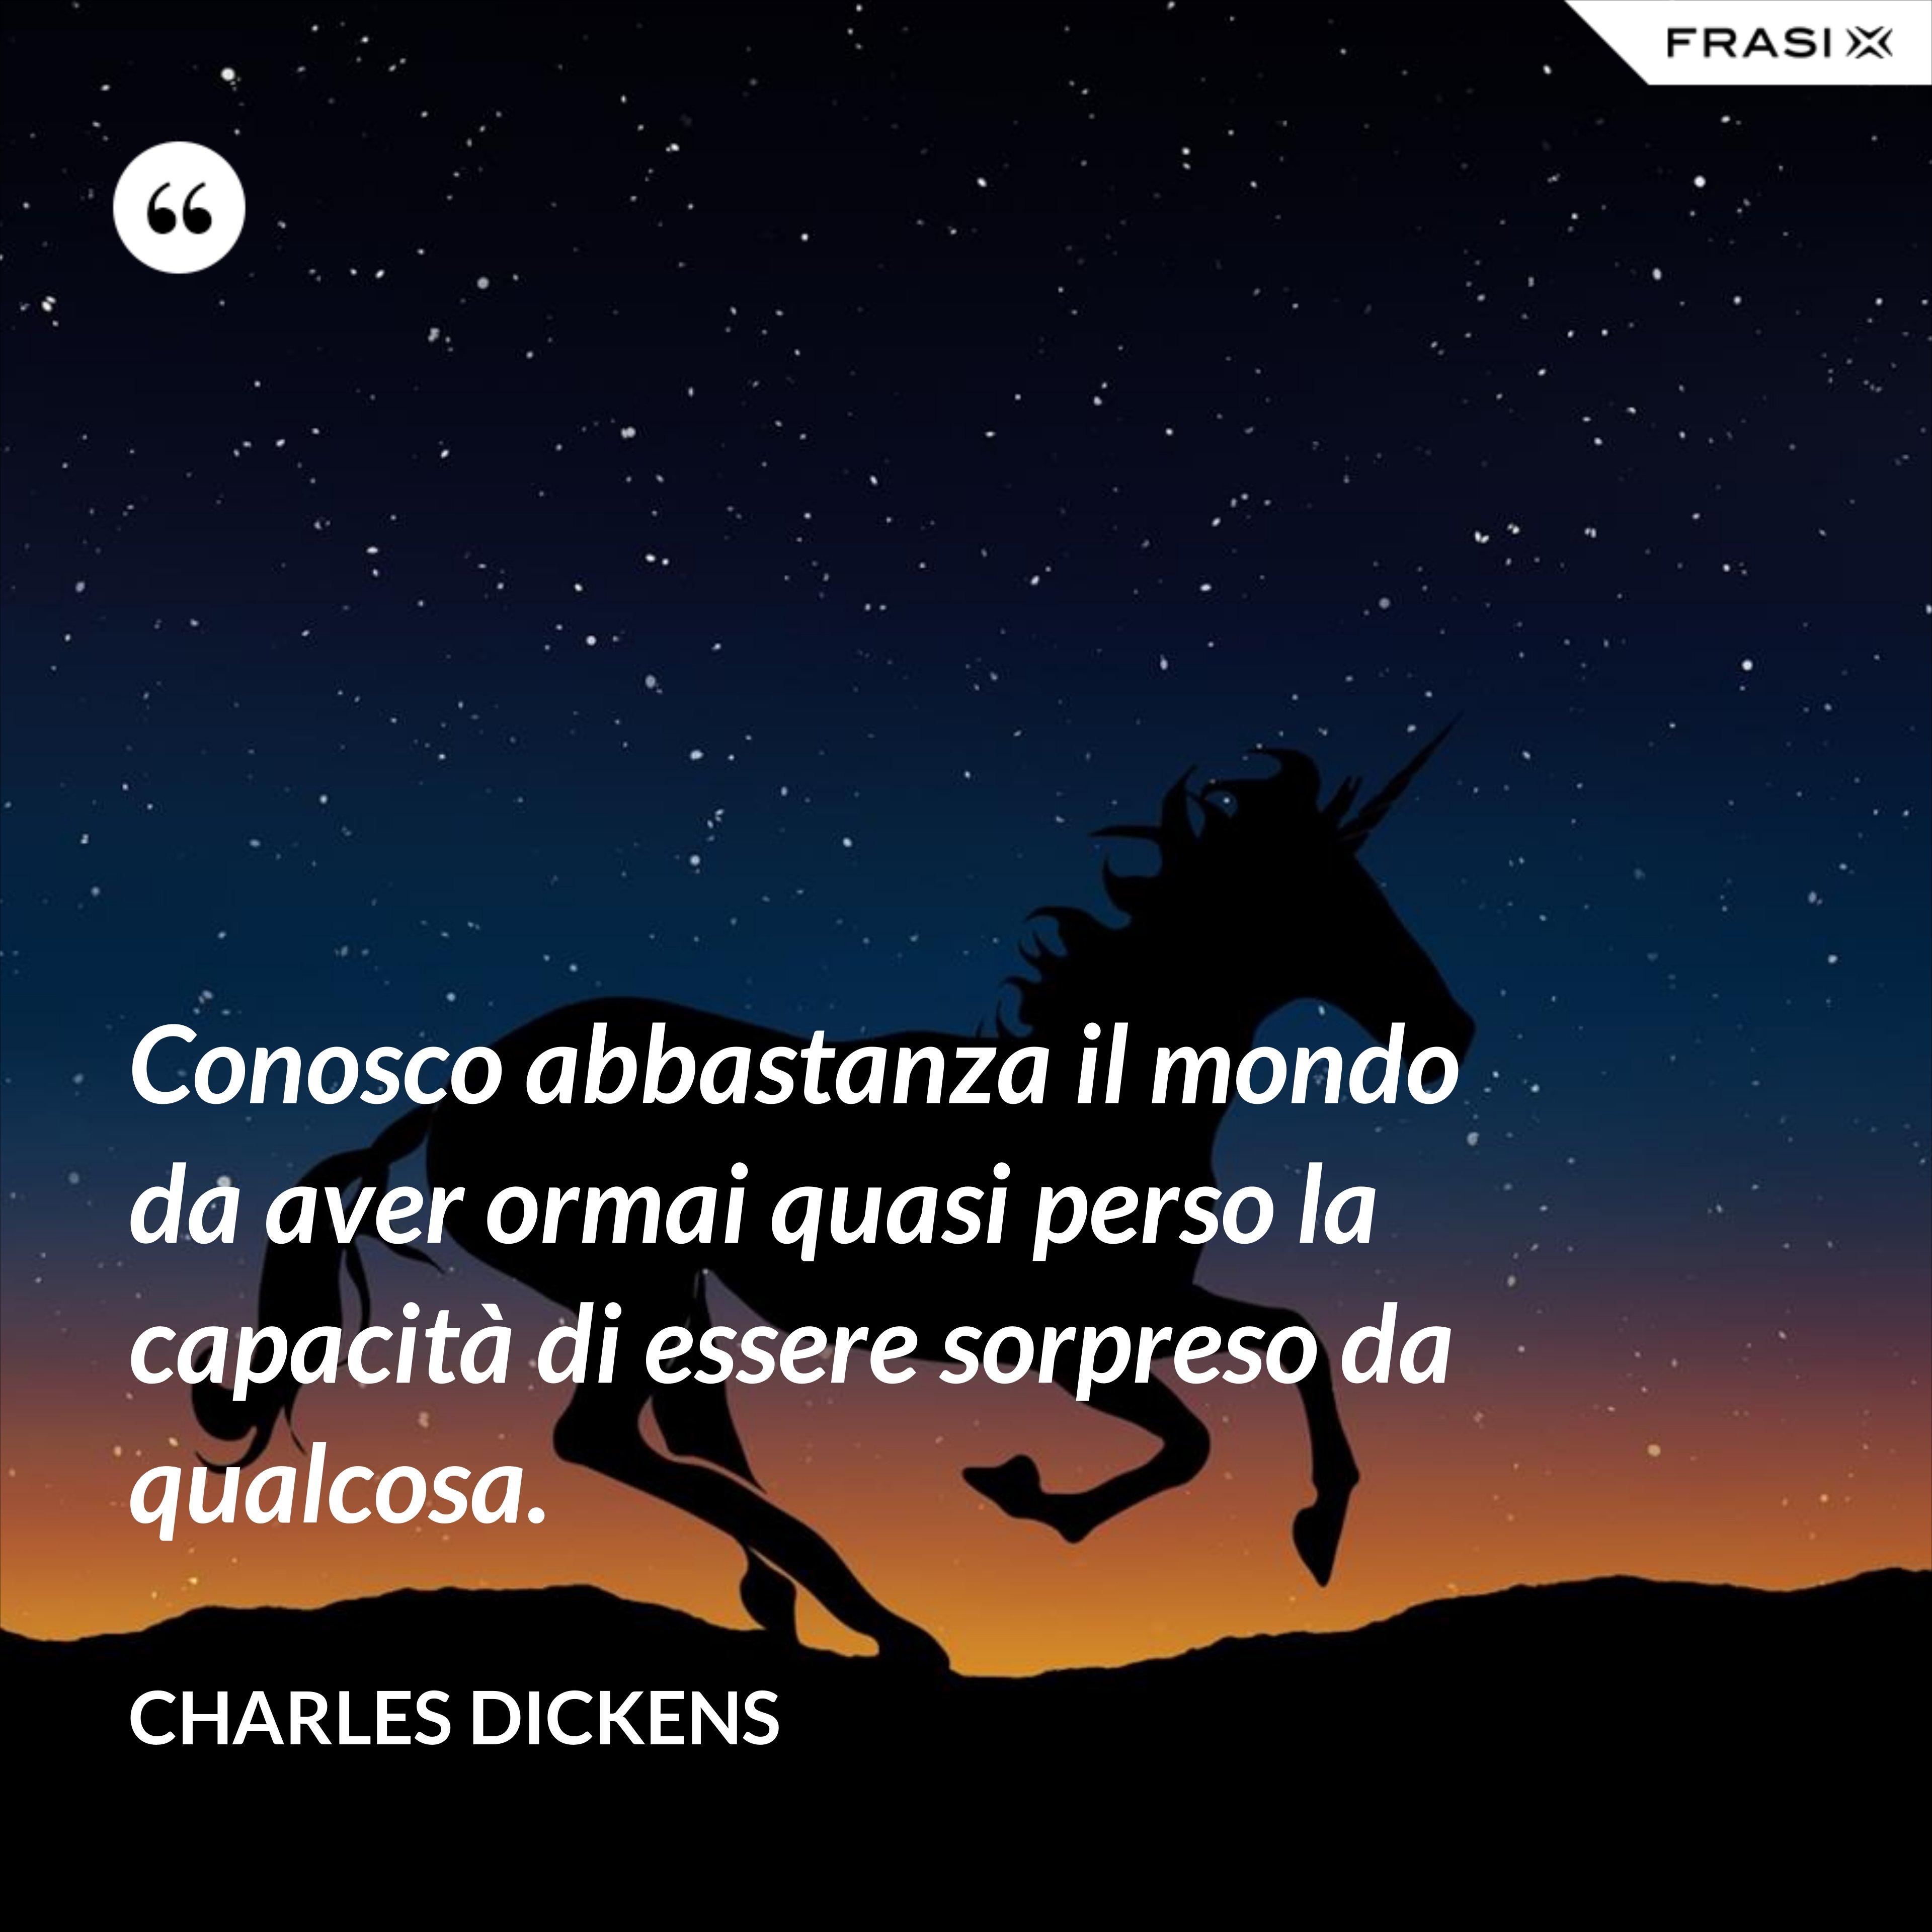 Conosco abbastanza il mondo da aver ormai quasi perso la capacità di essere sorpreso da qualcosa. - Charles Dickens